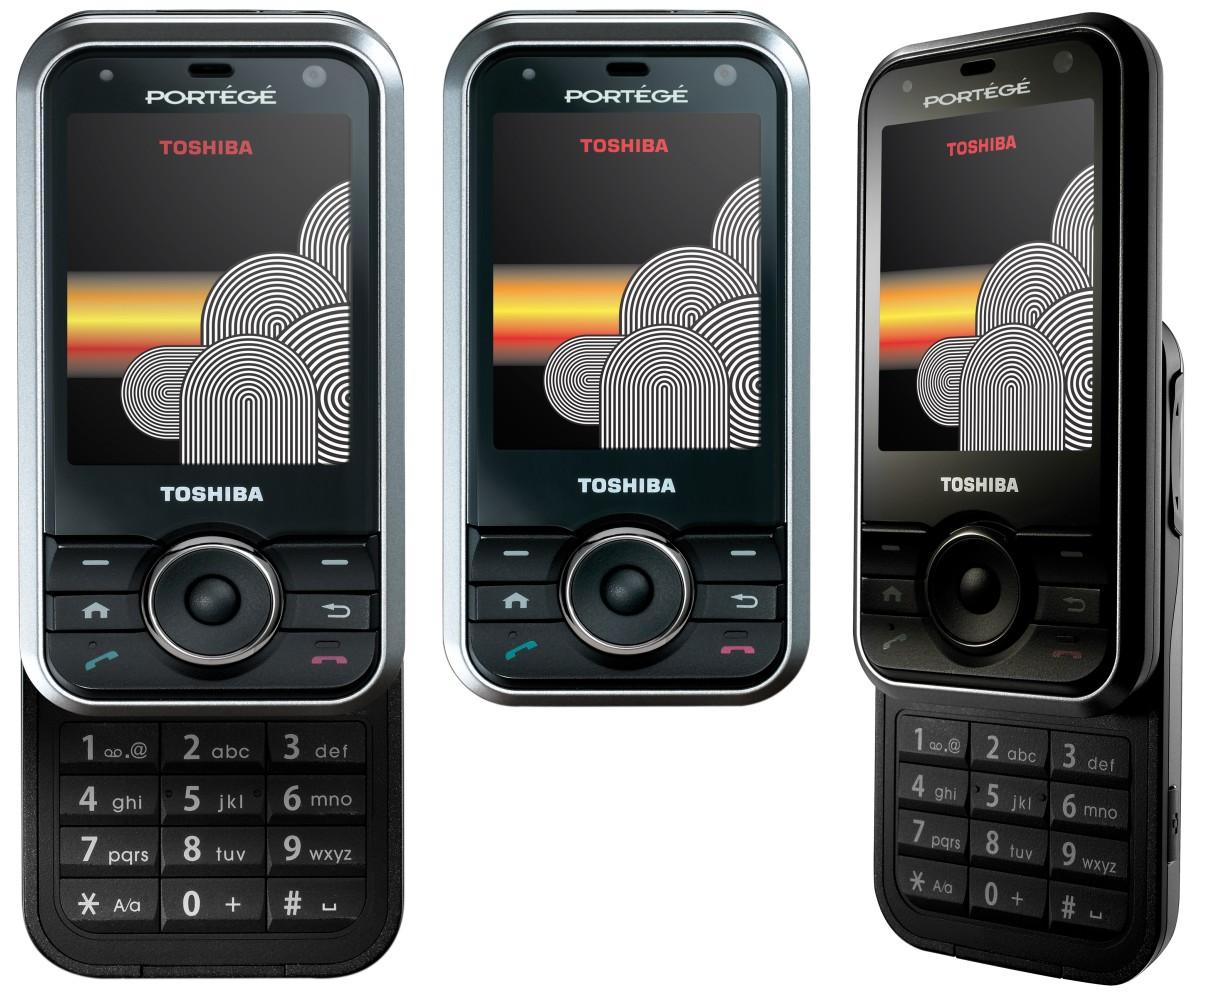 www welectronics com   TOSHIBA G500 PROTEGE G 500 gsm UMTS 3G